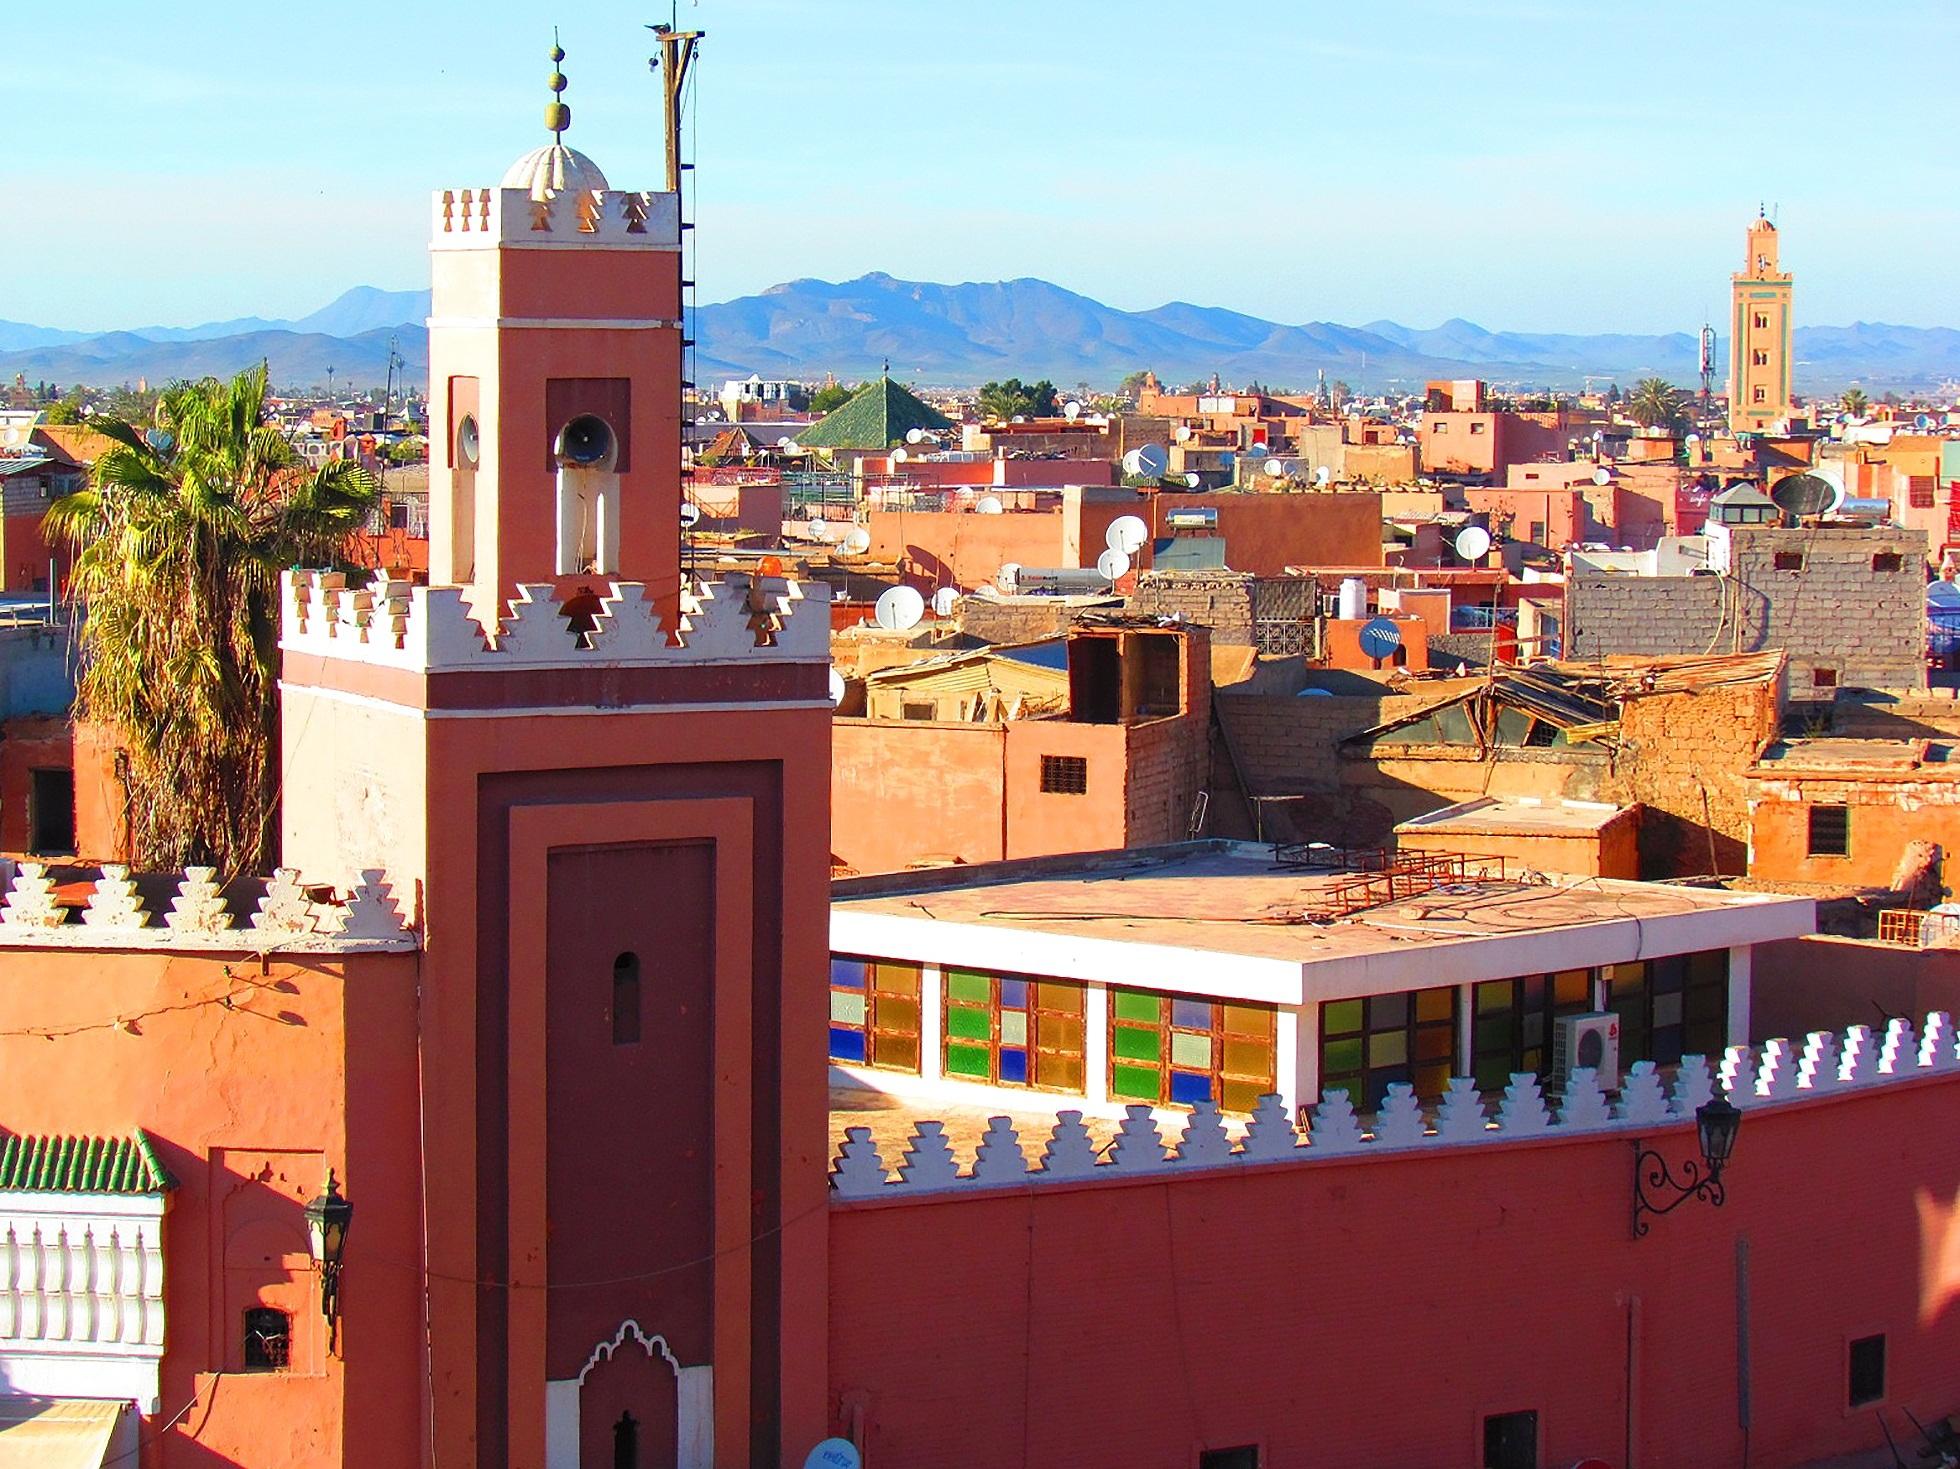 Maroc printemps hiver 8 jours grandir aventure - Chambre chez l habitant marrakech ...